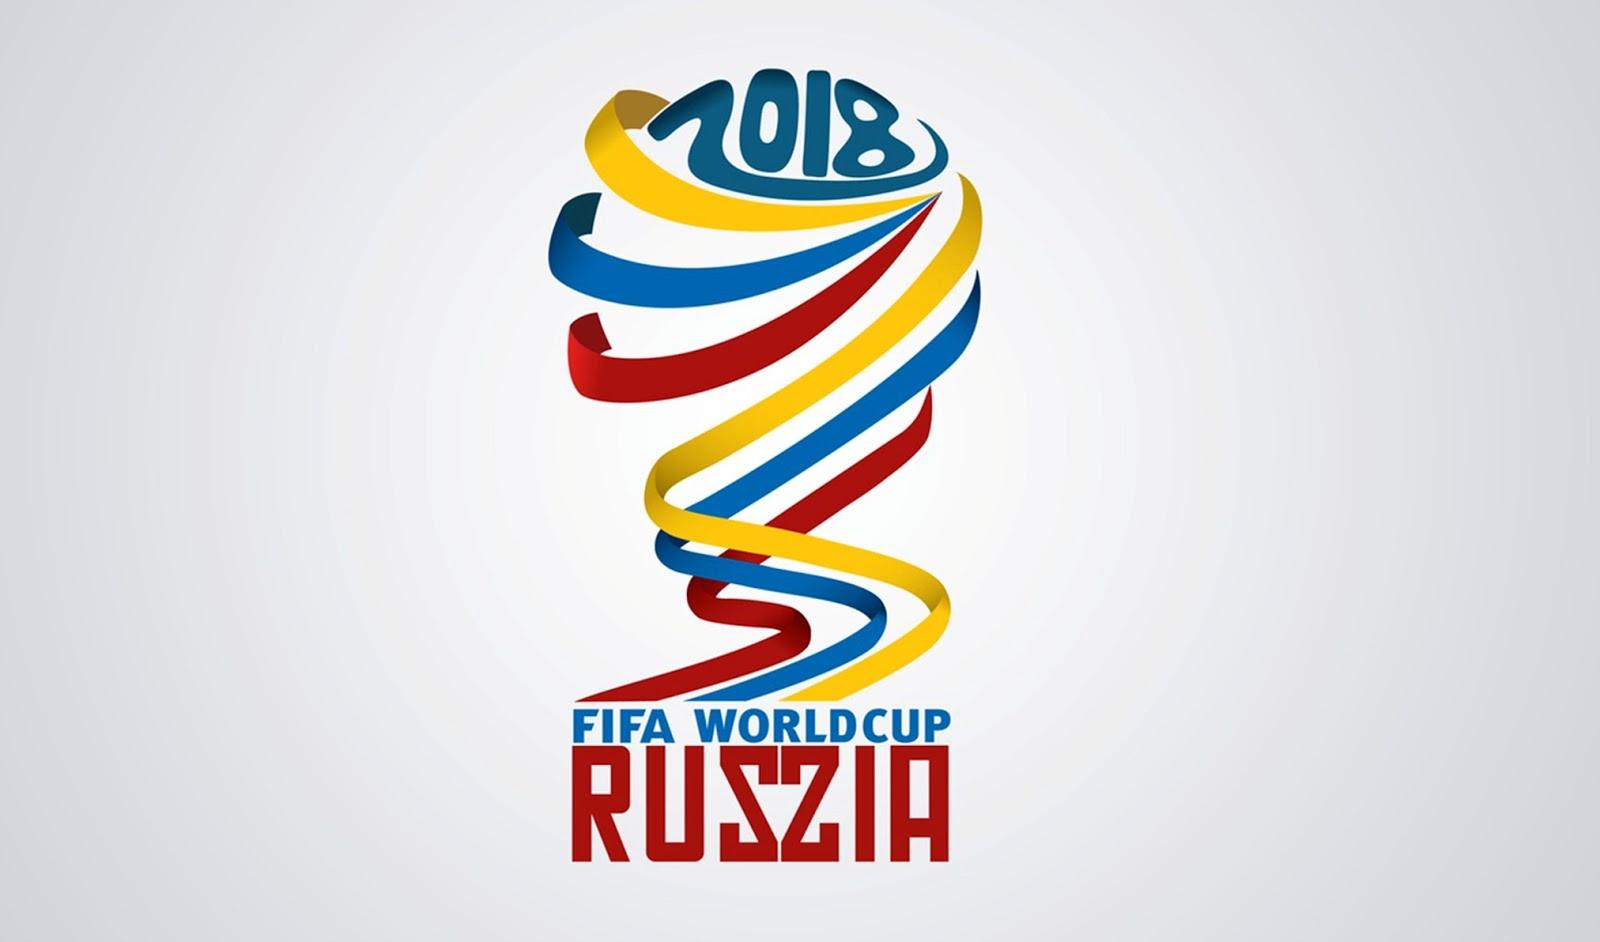 حلقة حصرية : تحويل ثيم PES 2016 كليا إلى كأس العالم روسيا ...